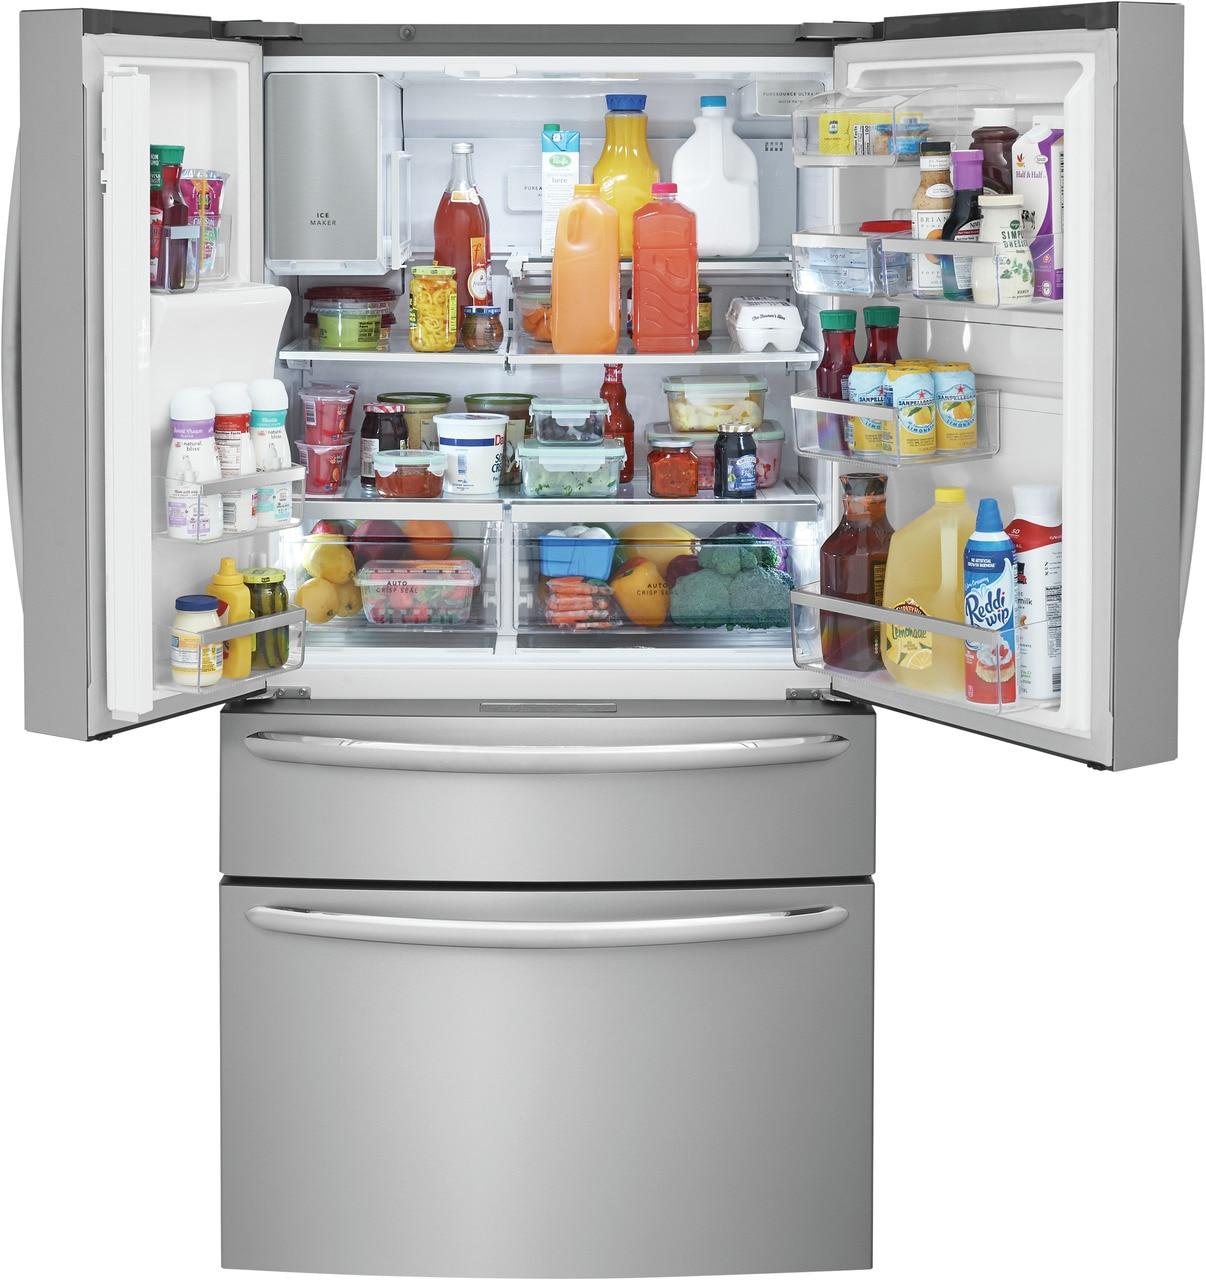 Model: FG4H2272UF | Frigidaire Gallery 21.4 Cu. Ft. Counter-Depth 4-Door French Door Refrigerator